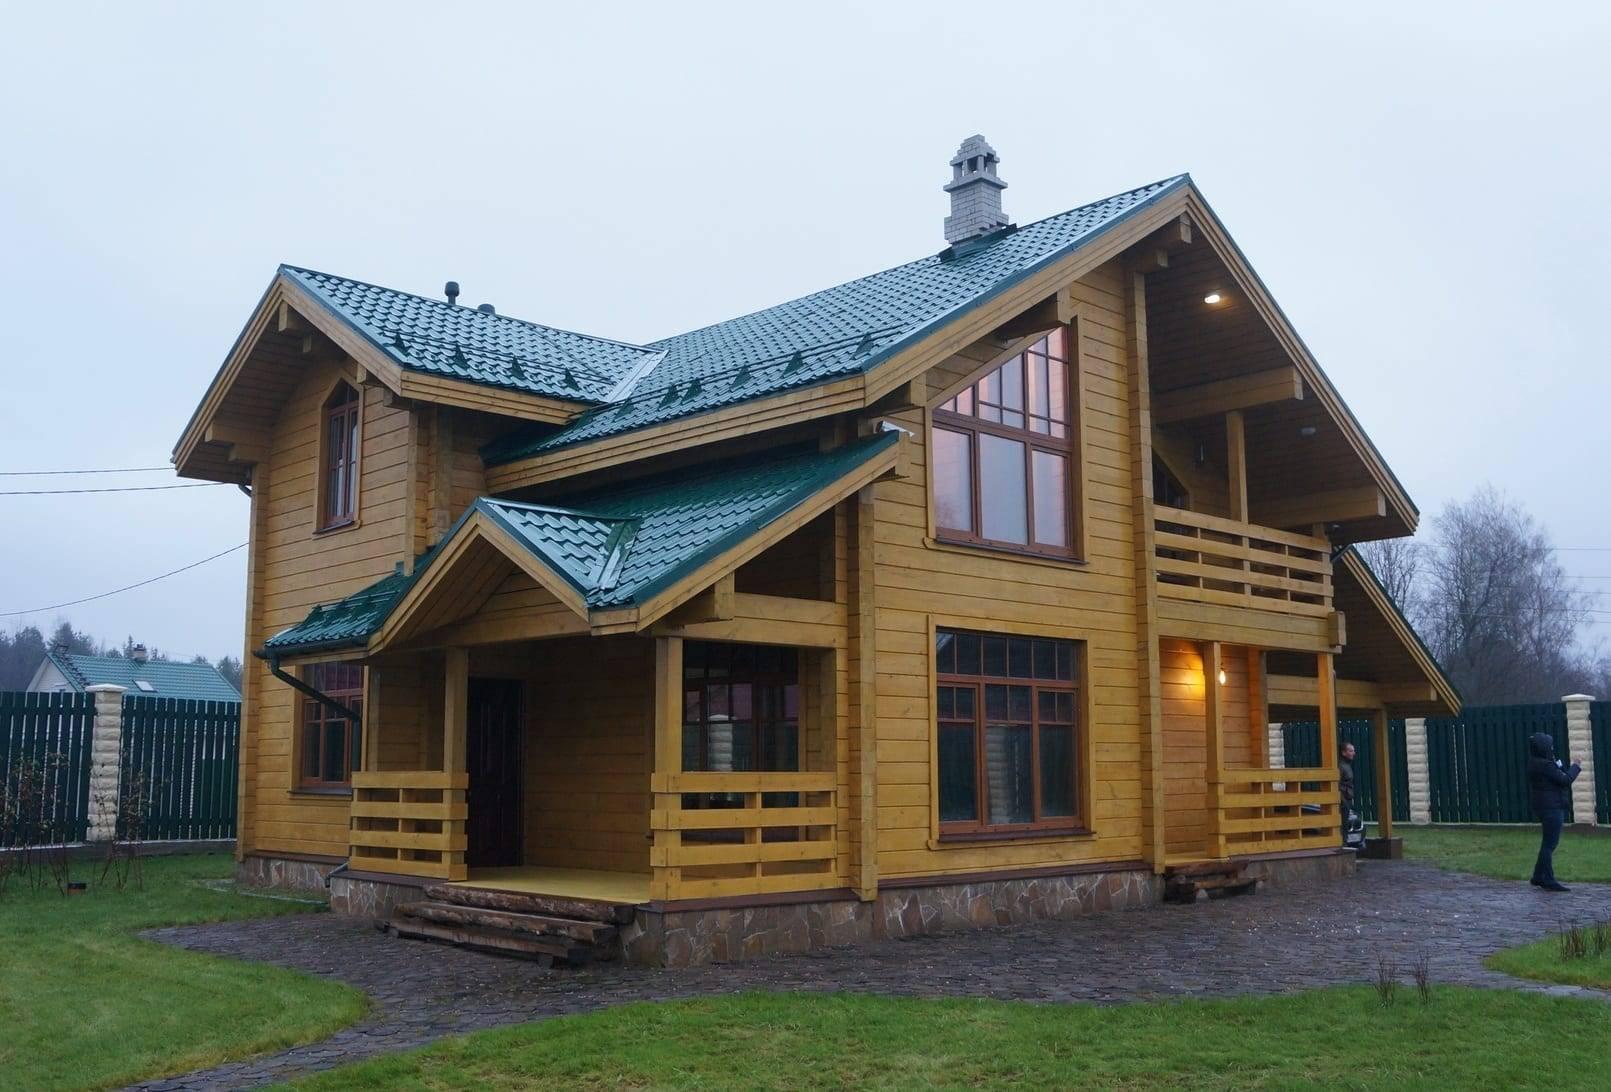 Какой дом лучше кирпичный или деревянный: плюсы и минусы каждого